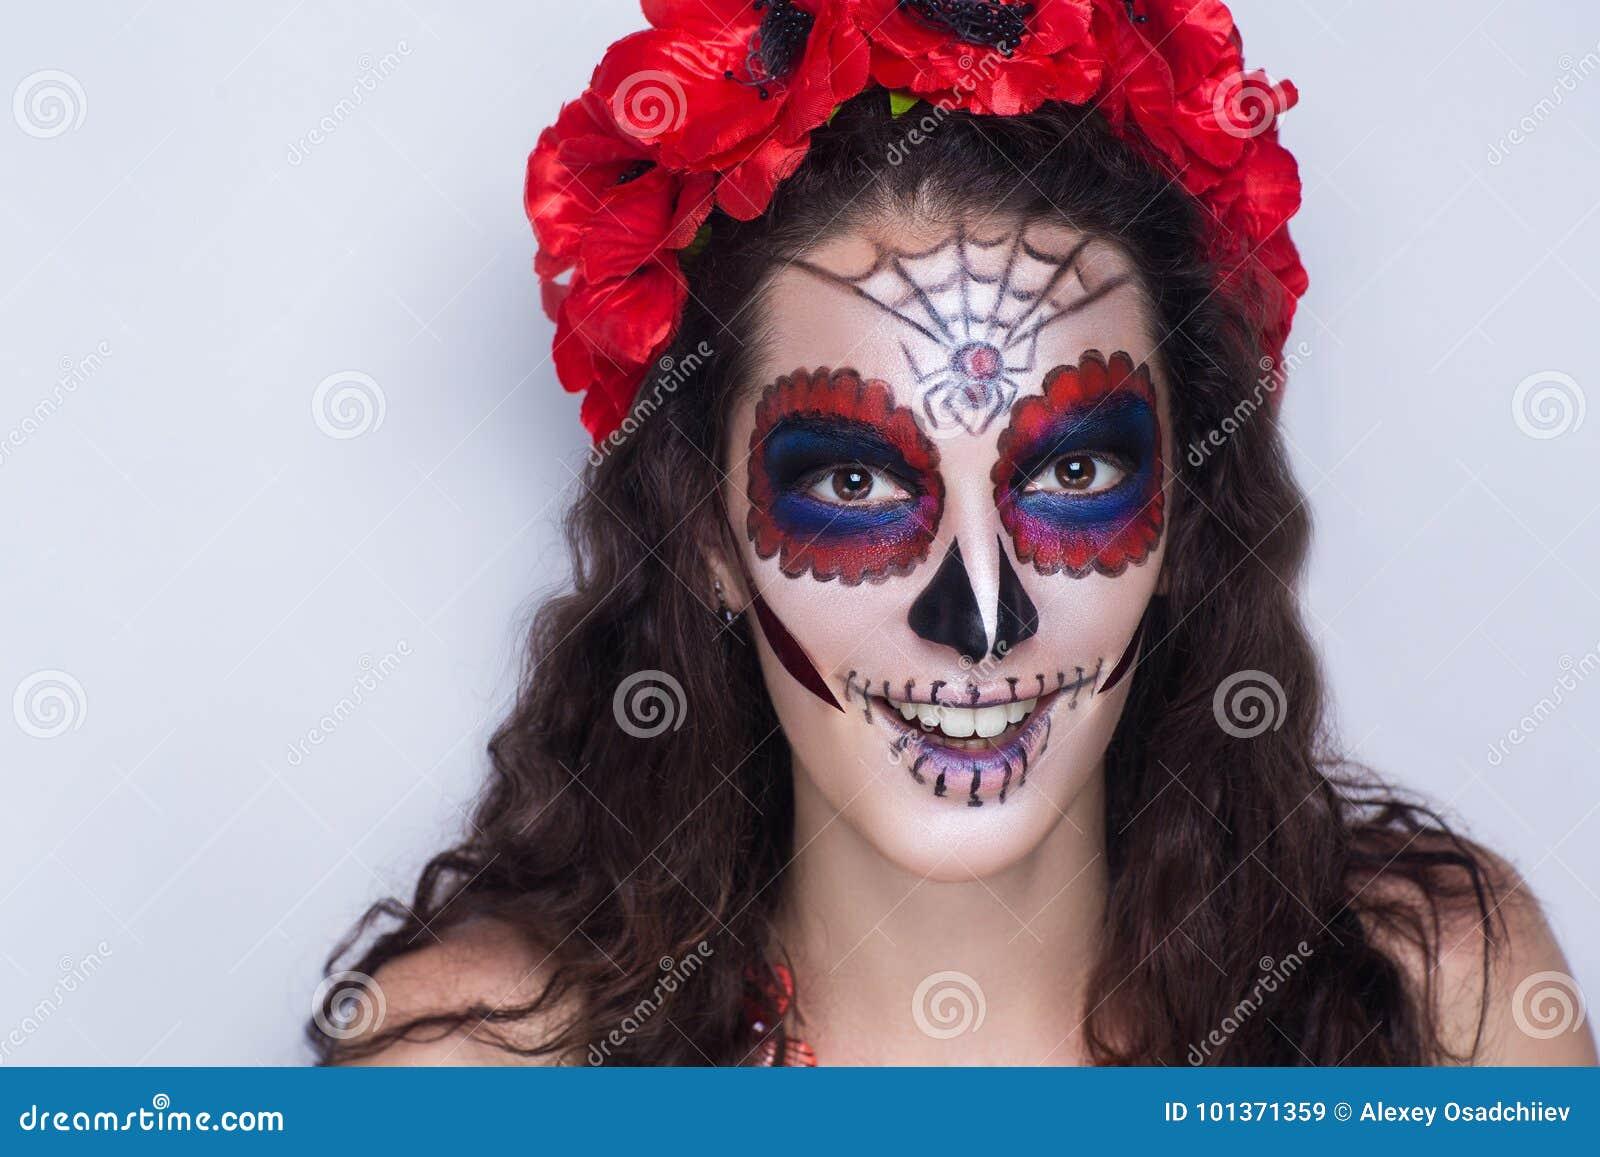 katrina calavera make up